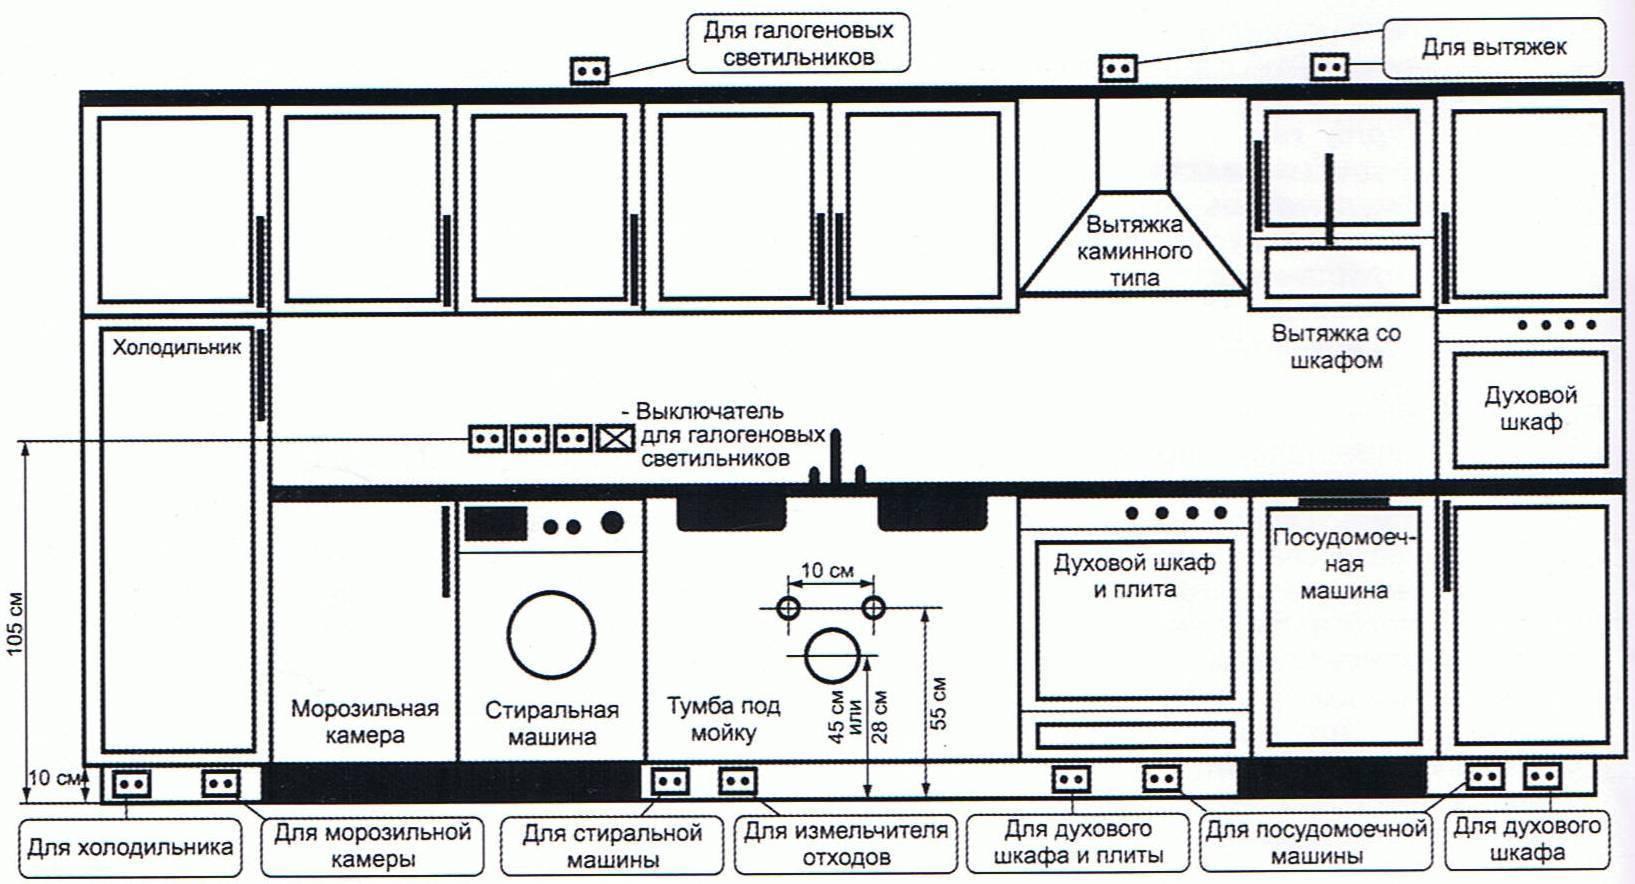 Розетки на кухне - расположение, высота, схема установки